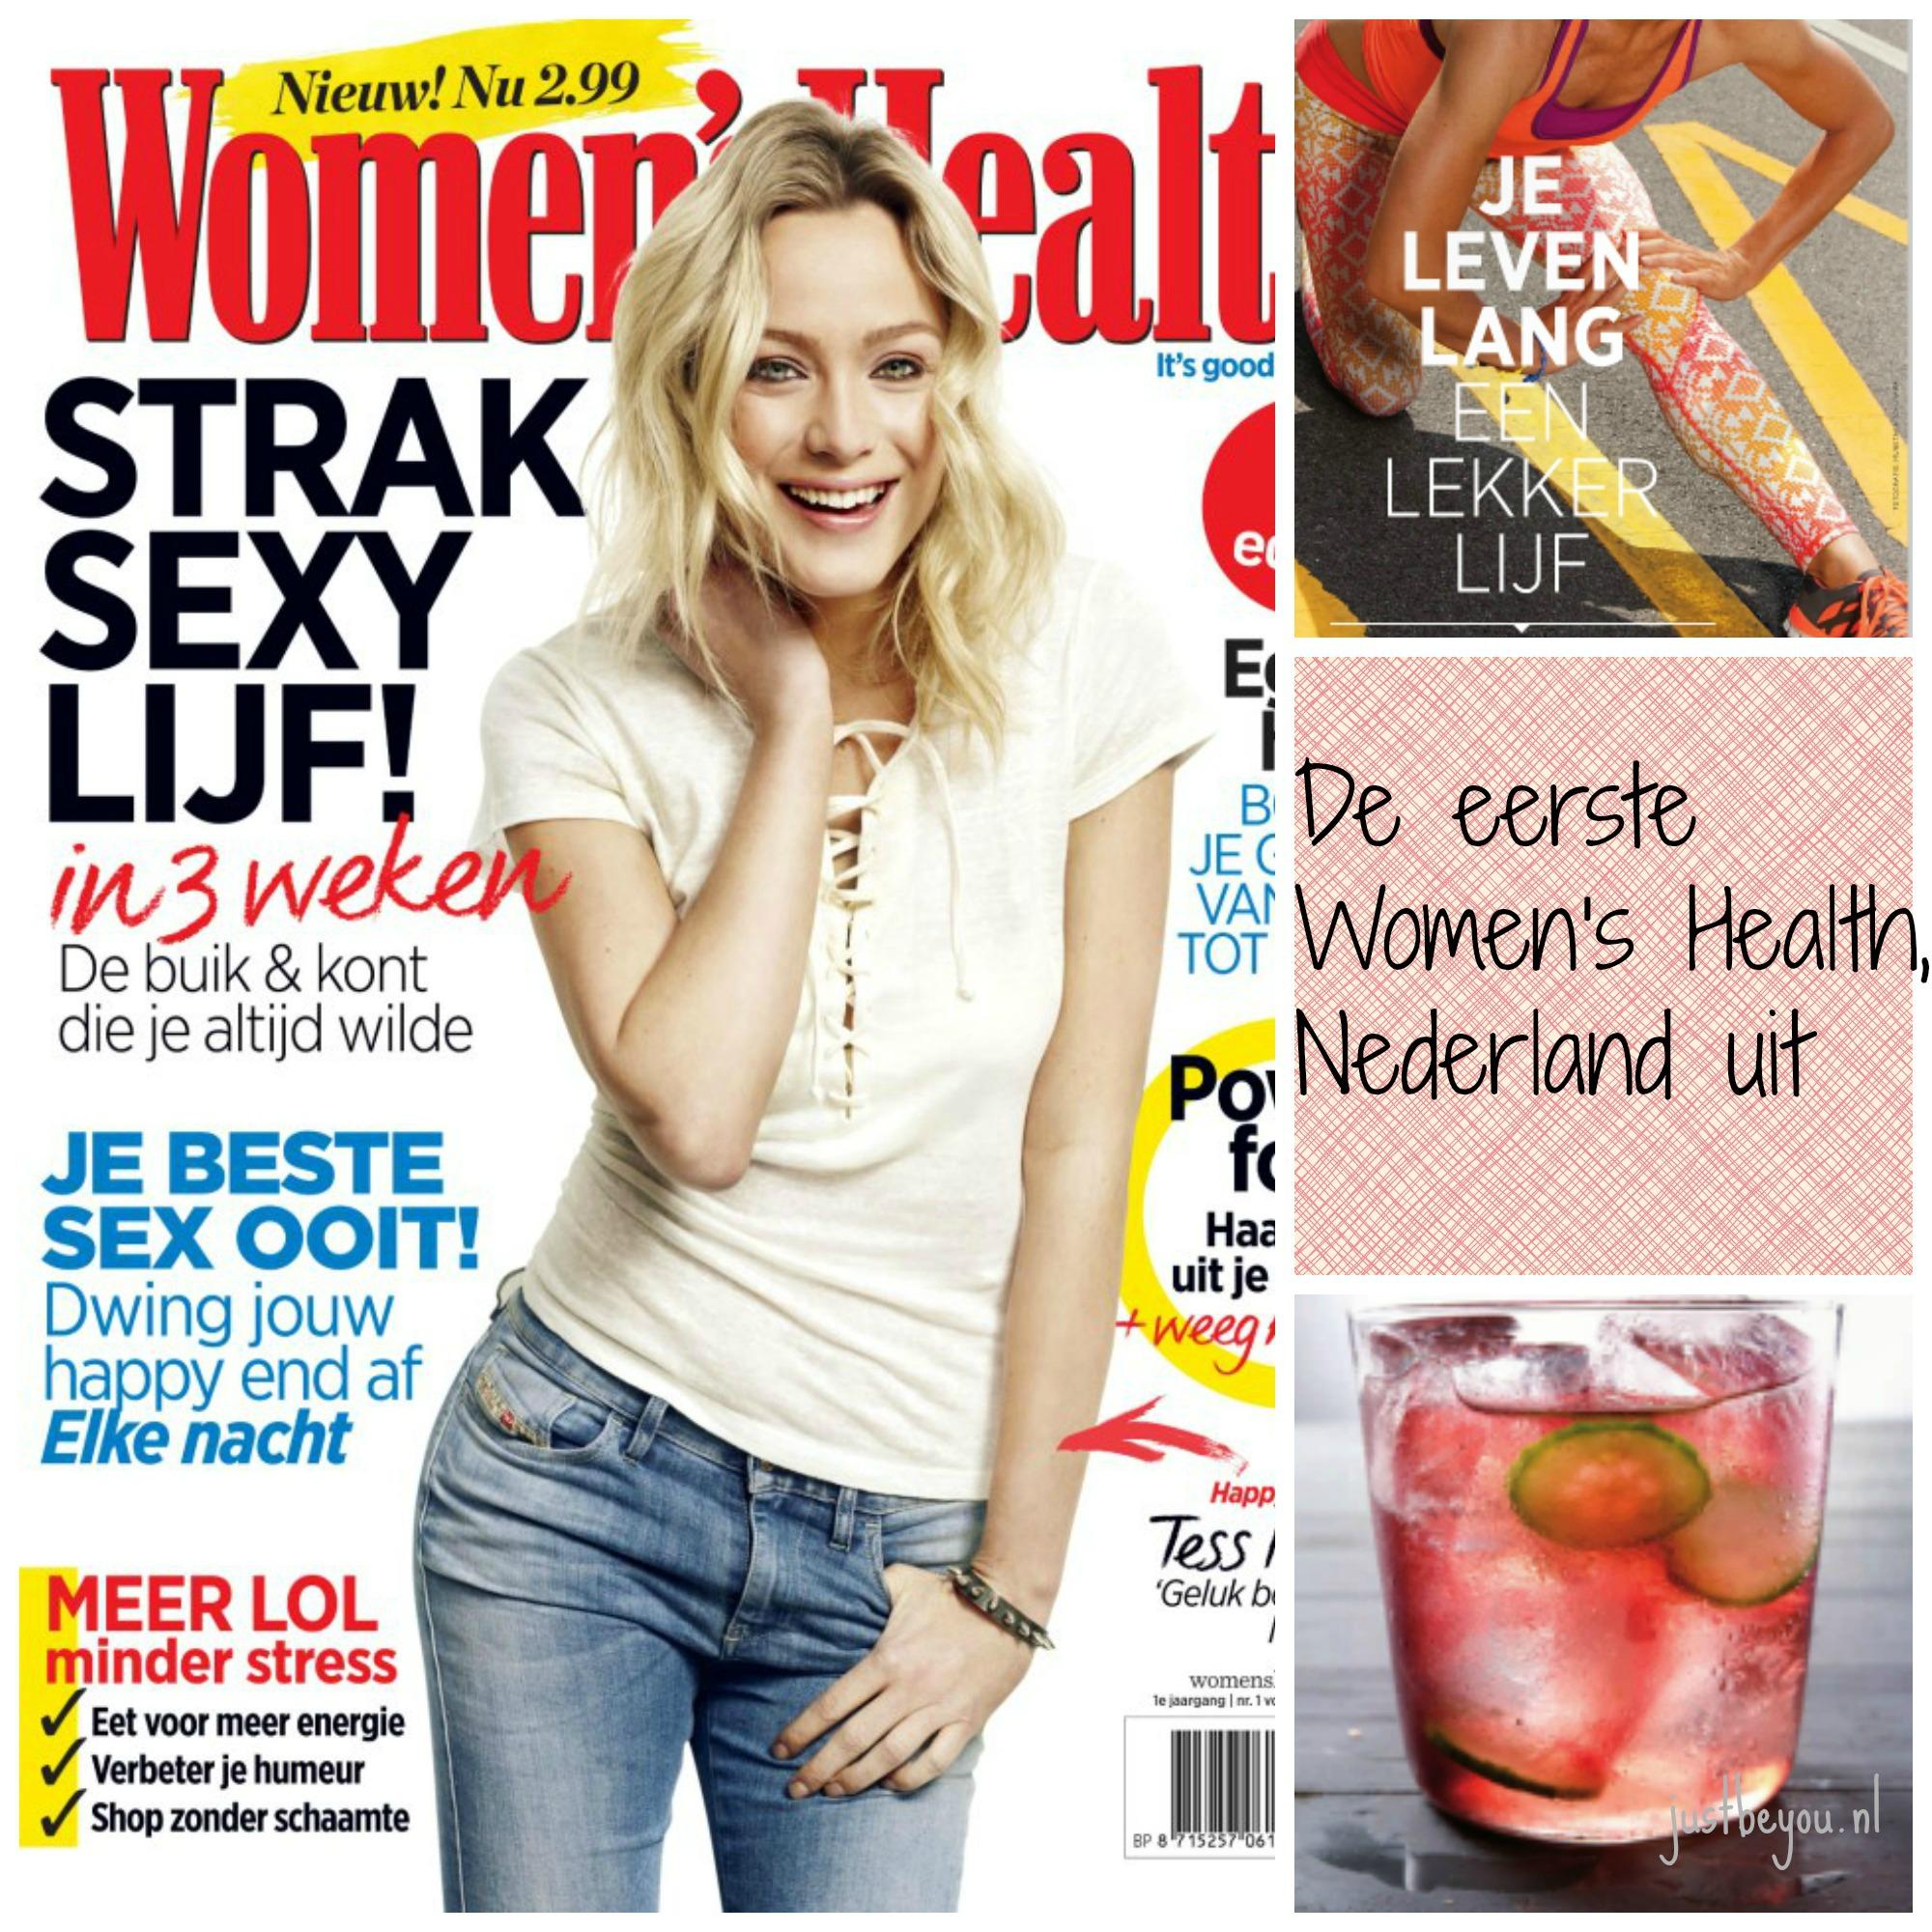 Women's Health Magazine Nederland